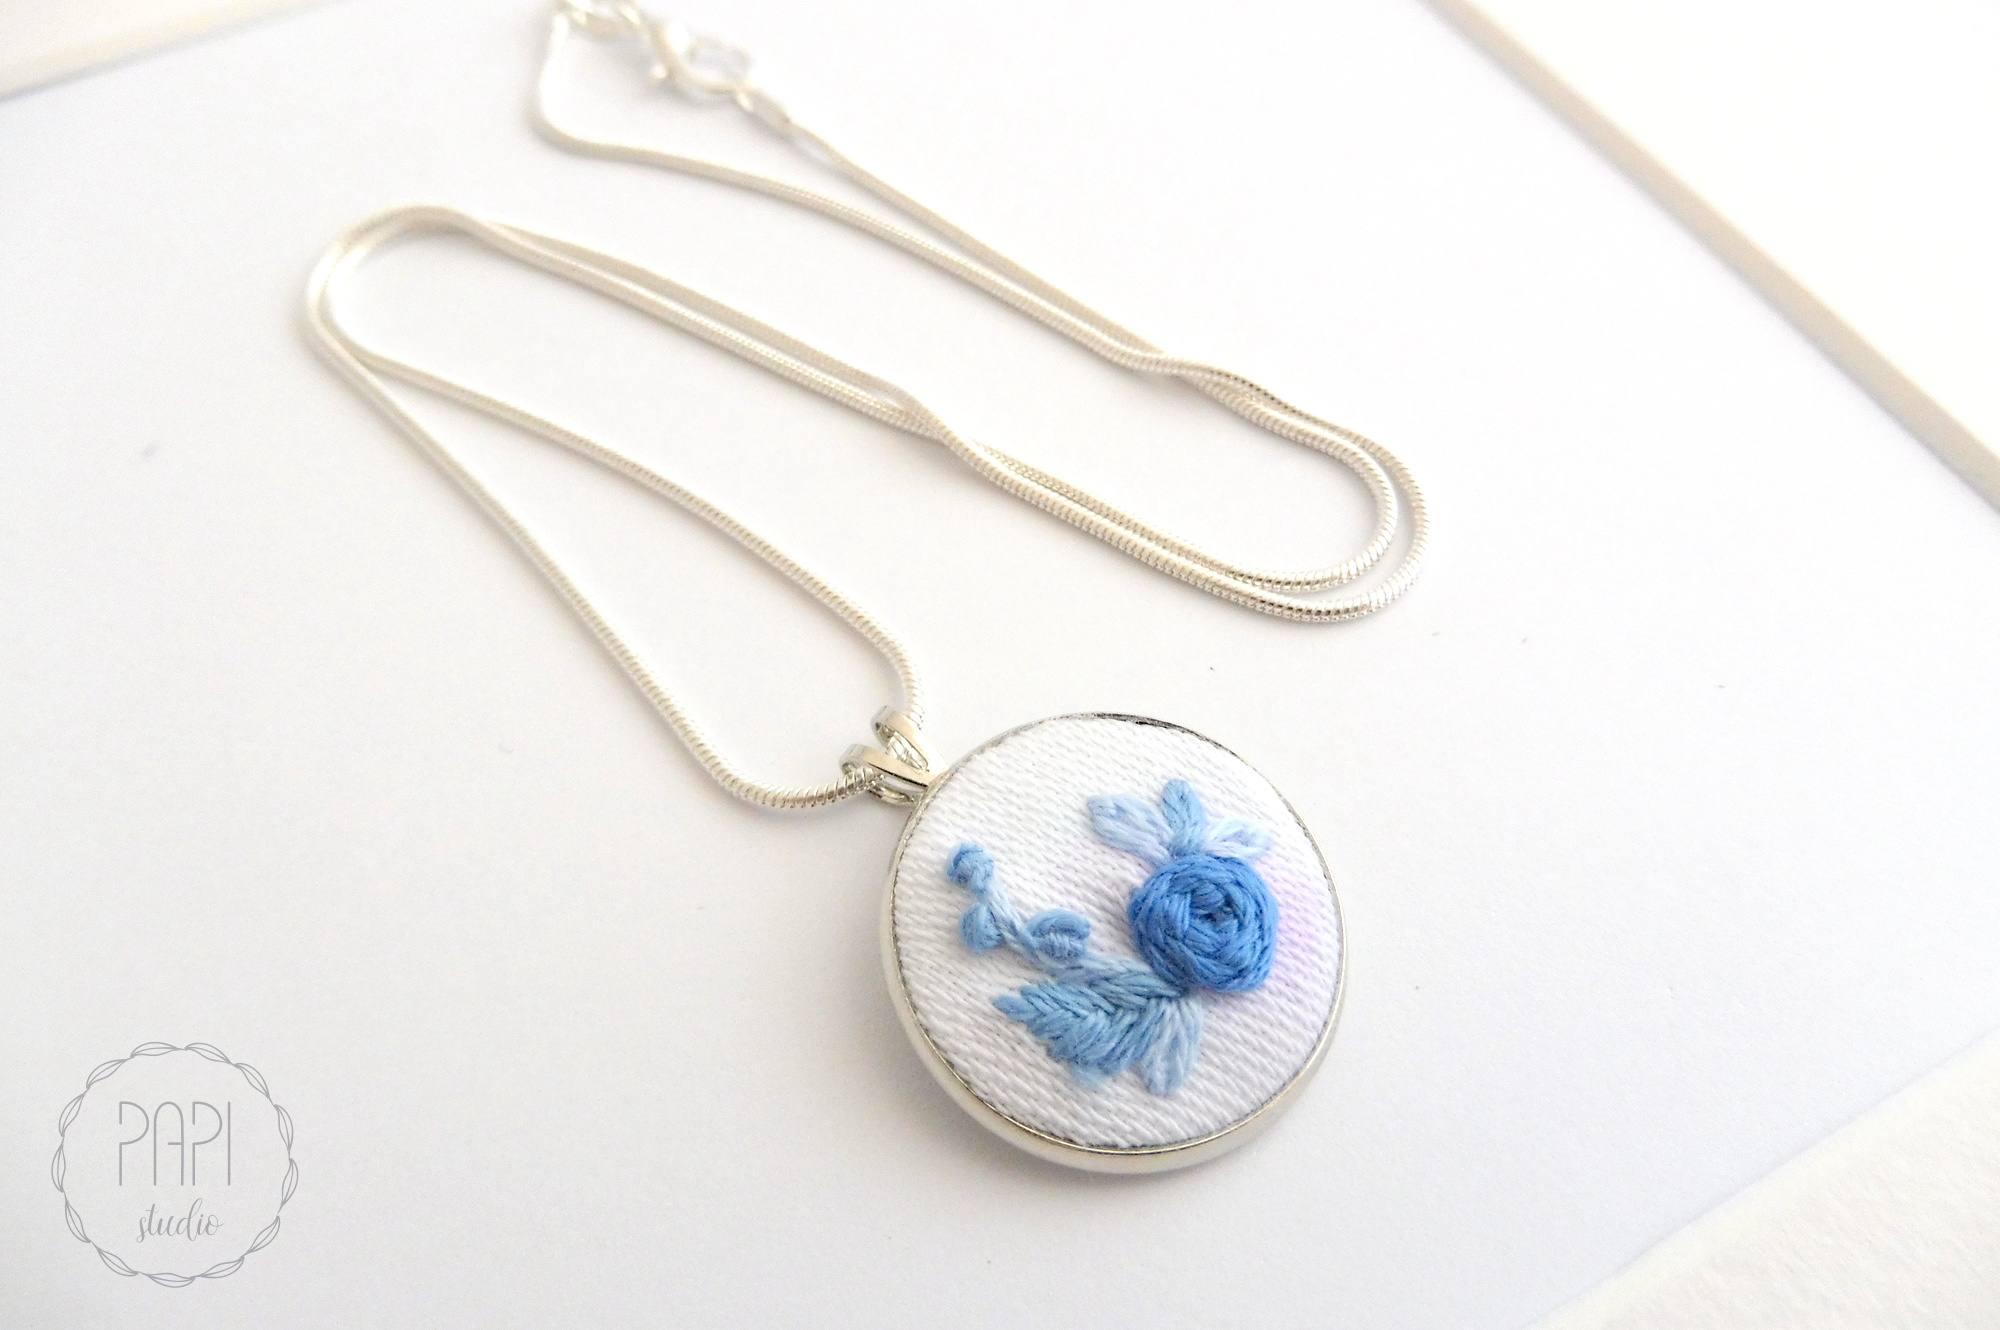 ręcznie wyszywany naszyjnik haft kwiatowy pomysł na prezent